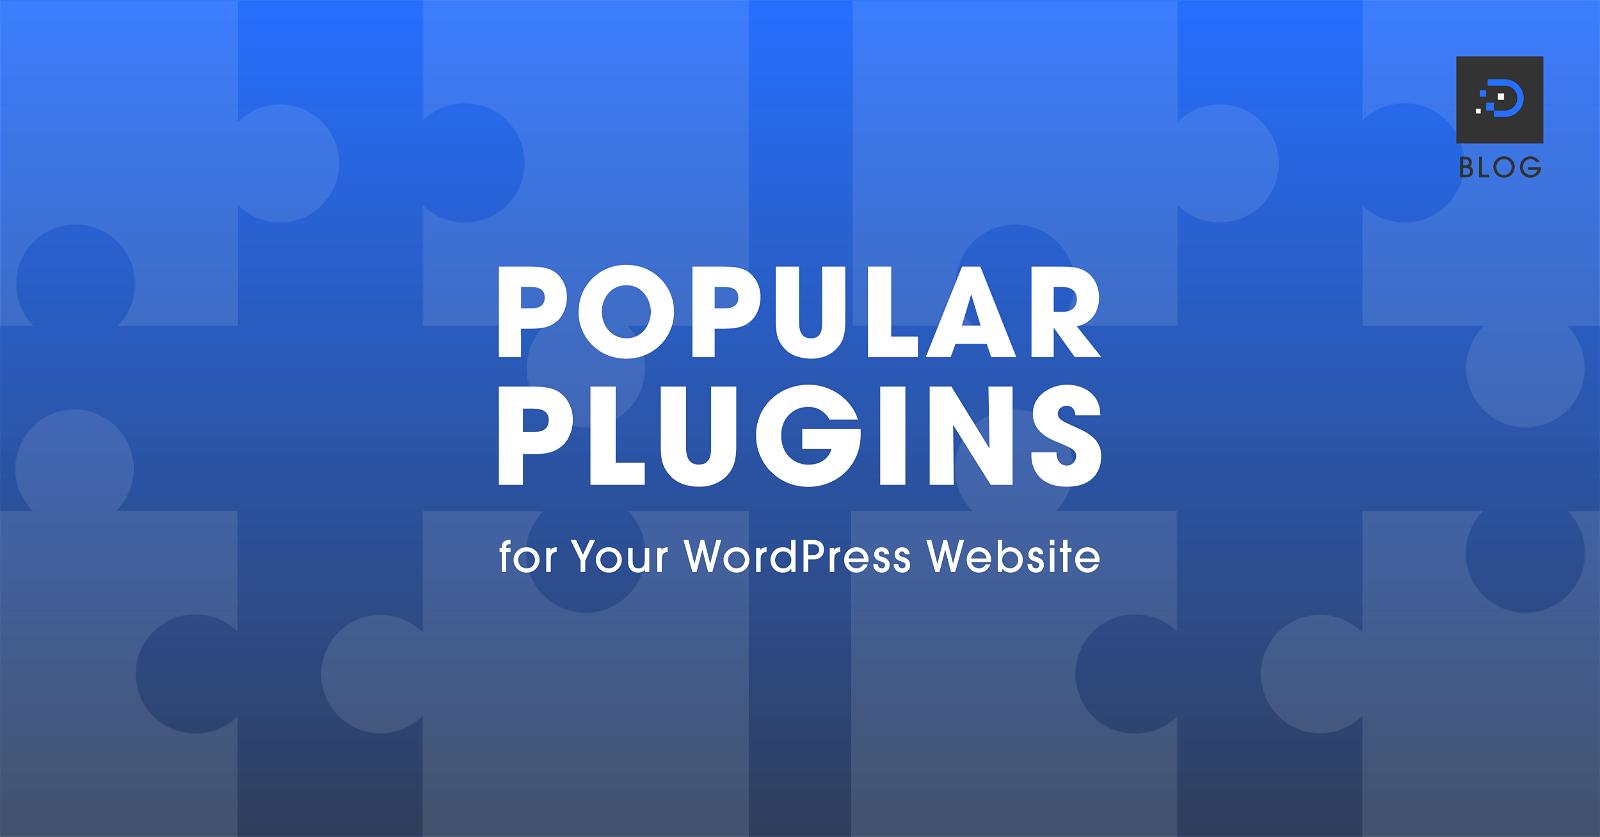 Popular Plugins for Your WordPress Website